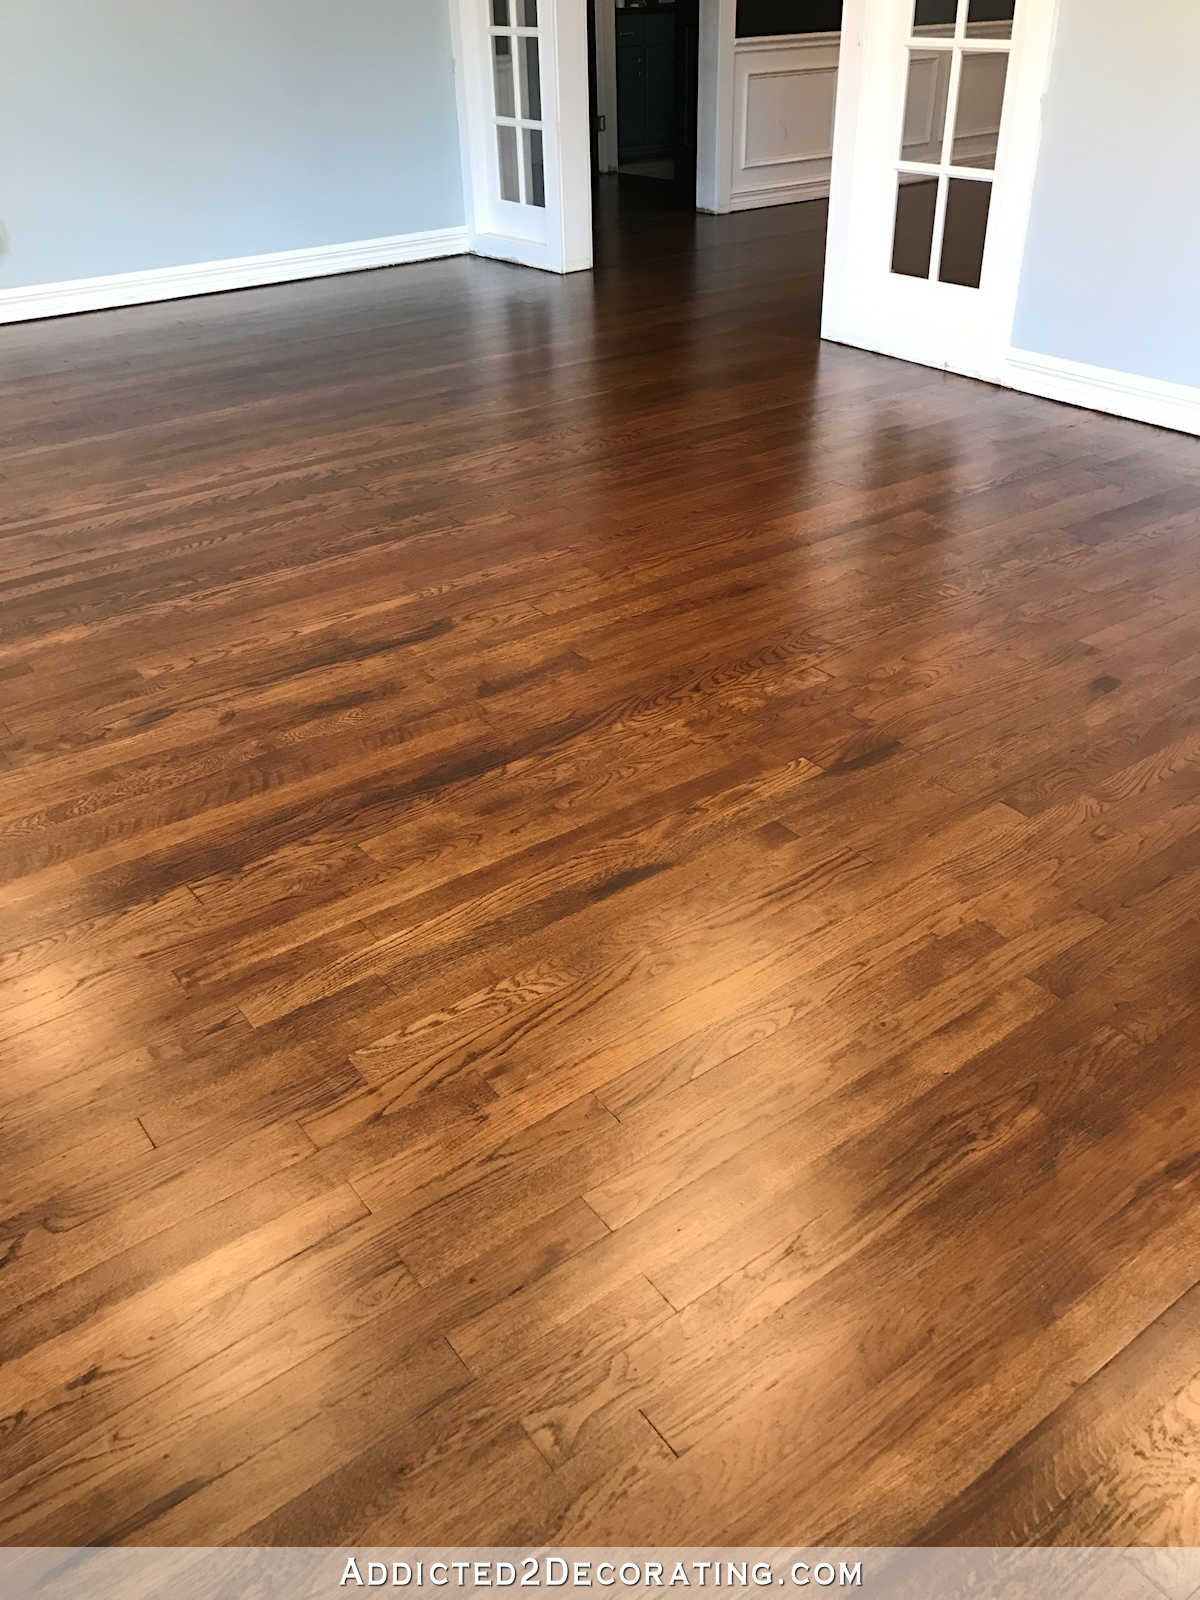 My Newly Refinished Red Oak Hardwood Floors Addicted 2